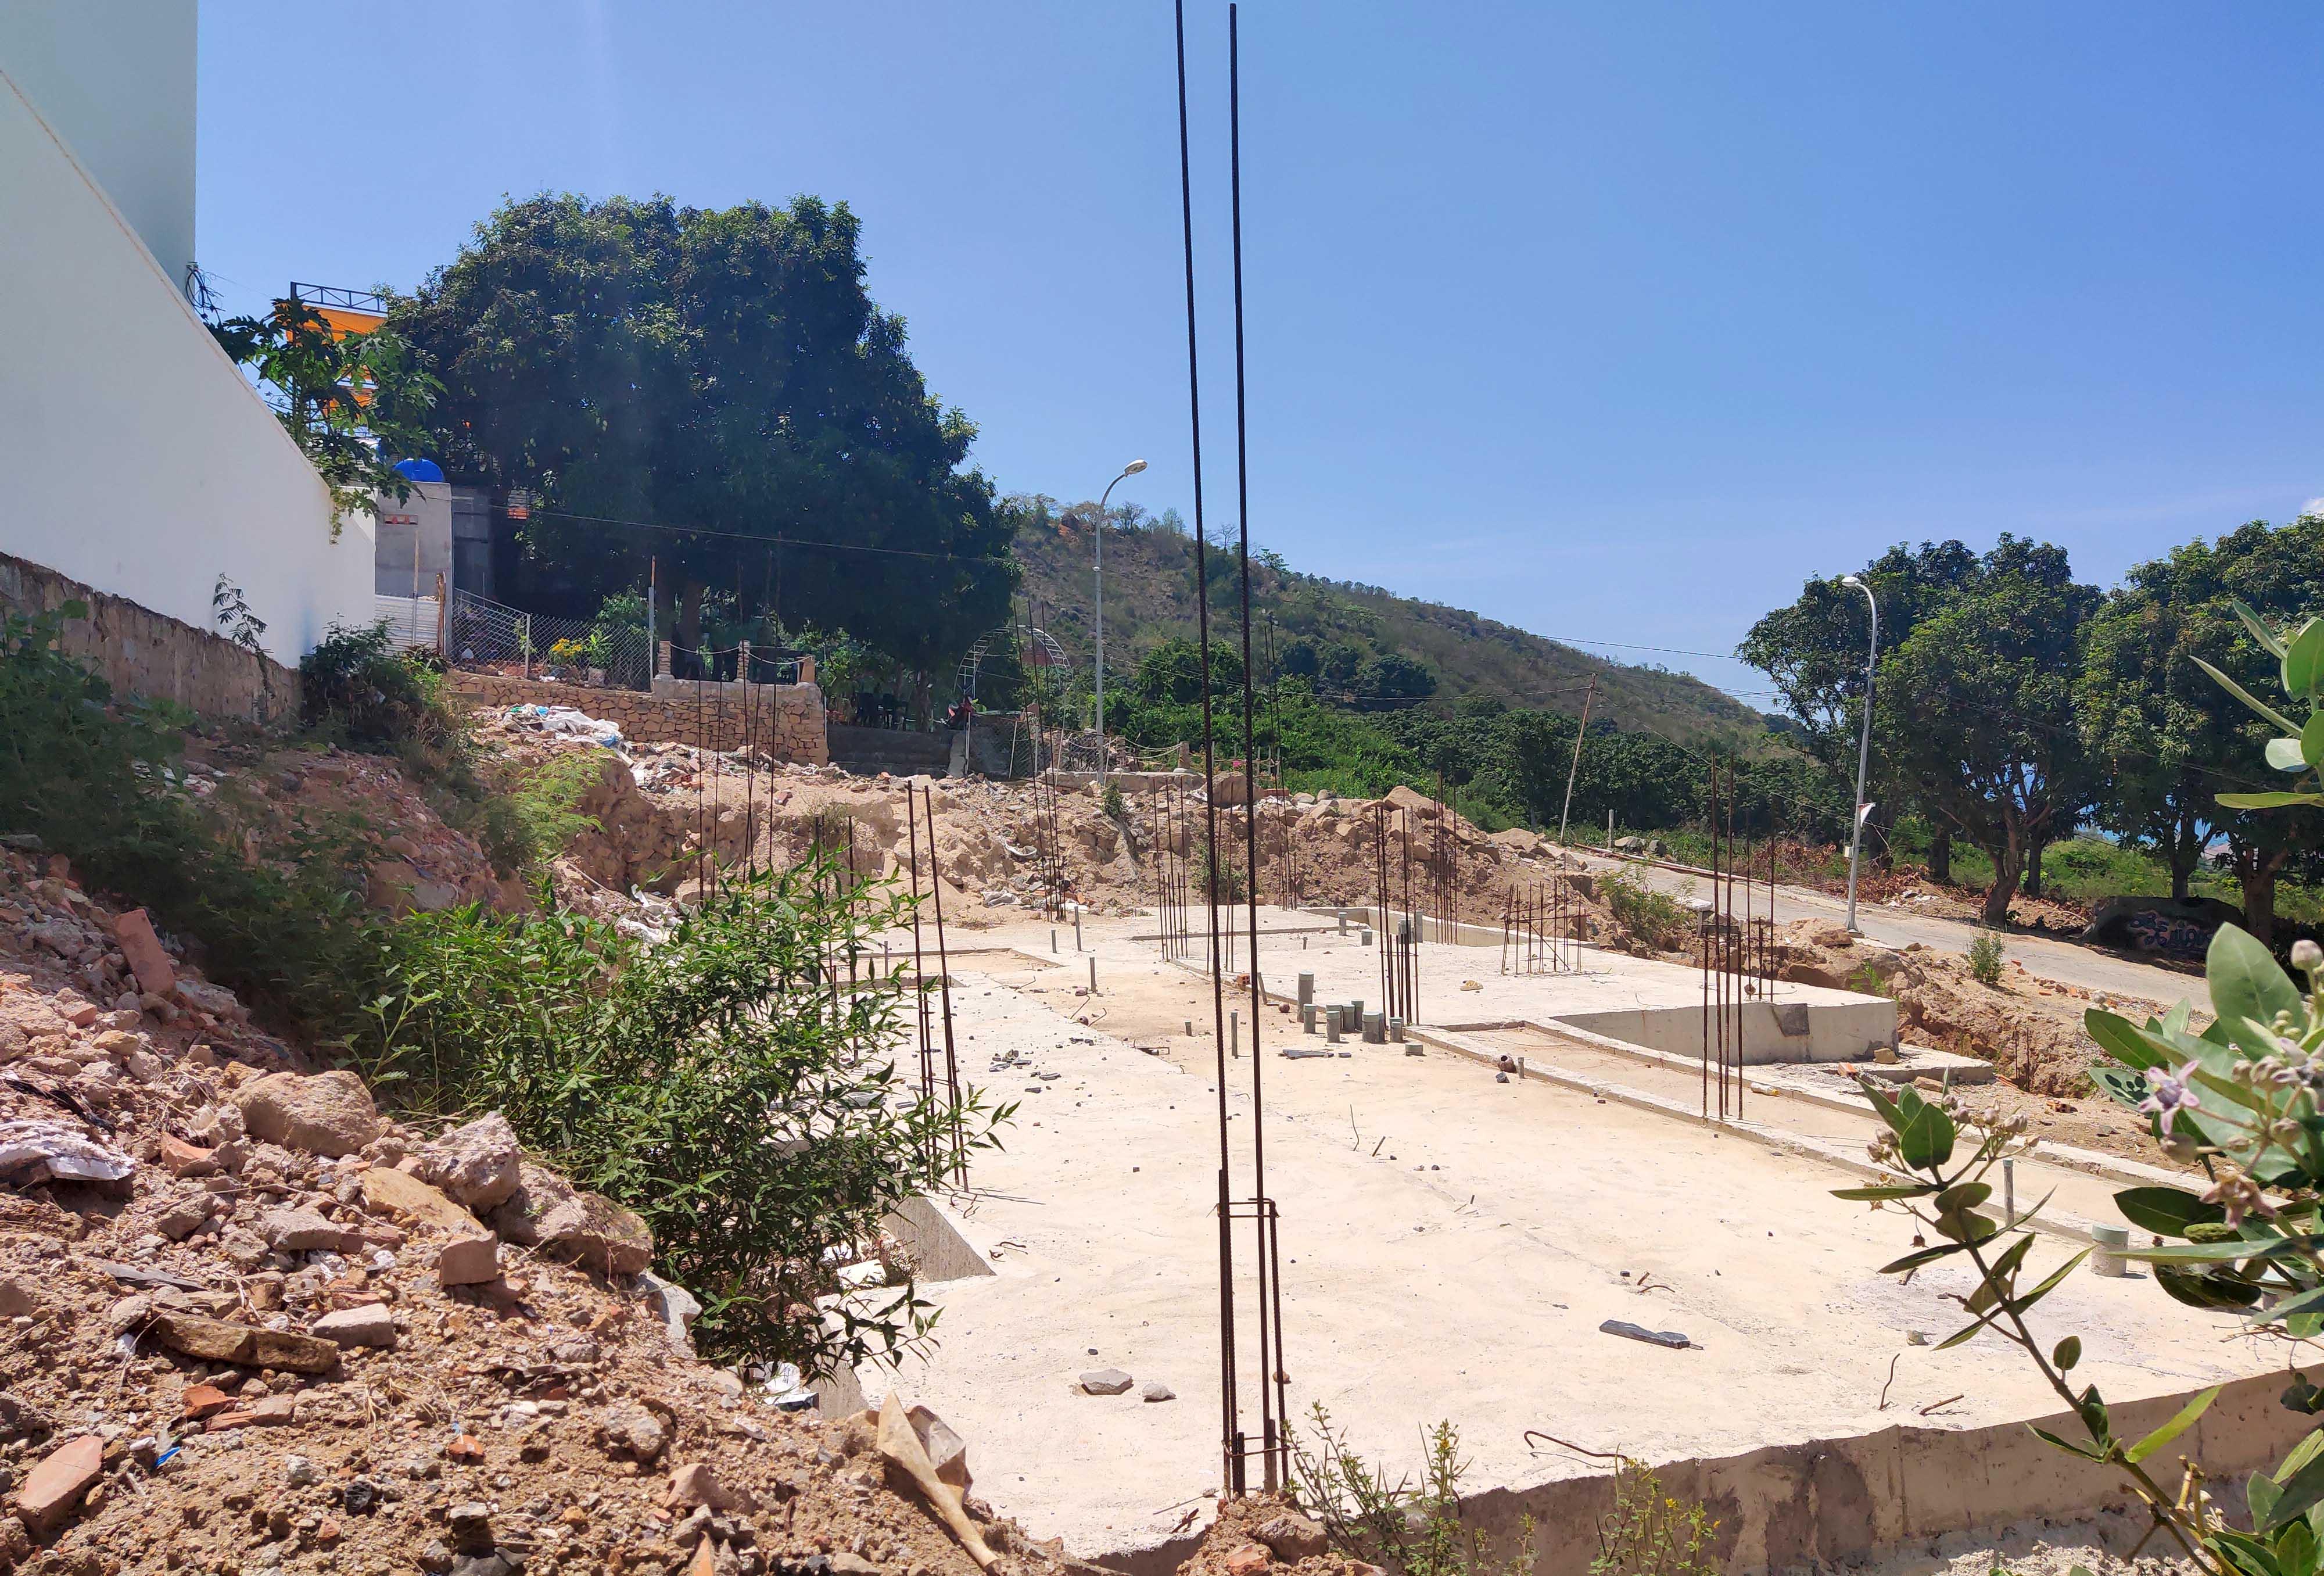 Cận cảnh khu biệt thự 'xây lụi' trên núi cô Tiên  - Ảnh 7.